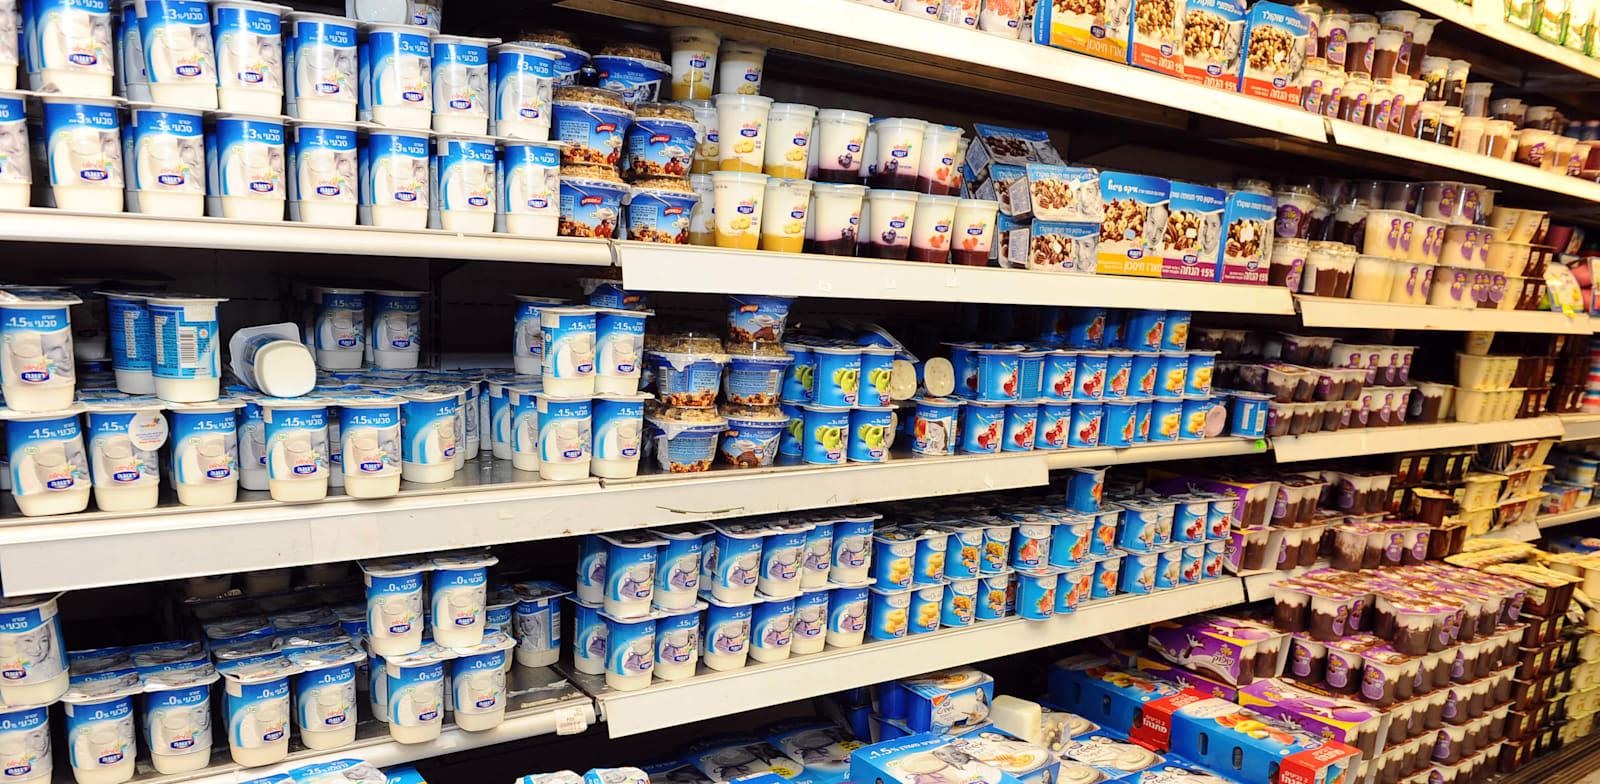 מקרר עם מוצרי חלב בסופרמרקט / צילום: תמר מצפי